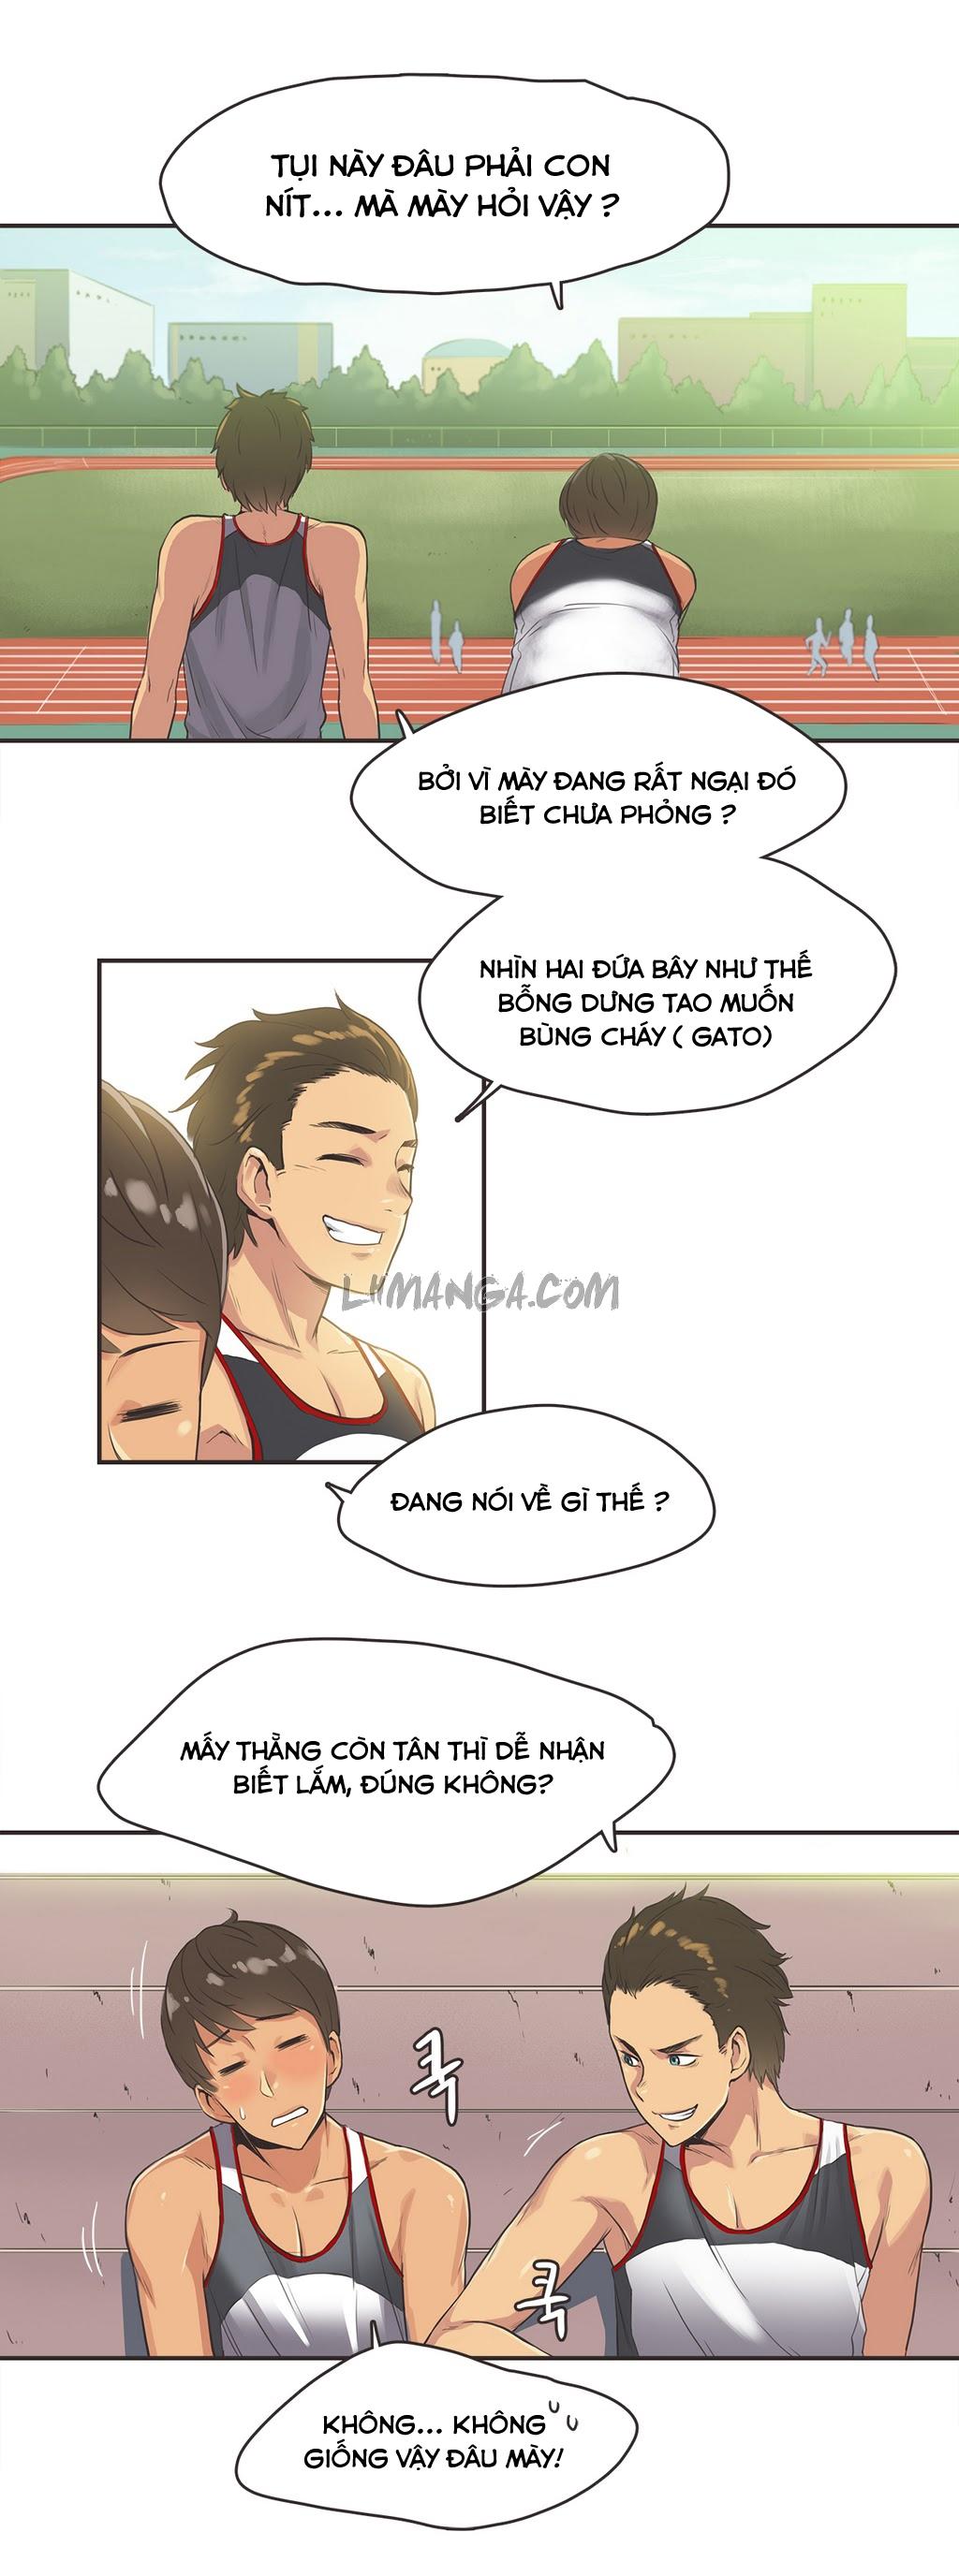 Hình ảnh HINH_00005 in Sports Girl - Gái Thể Thao